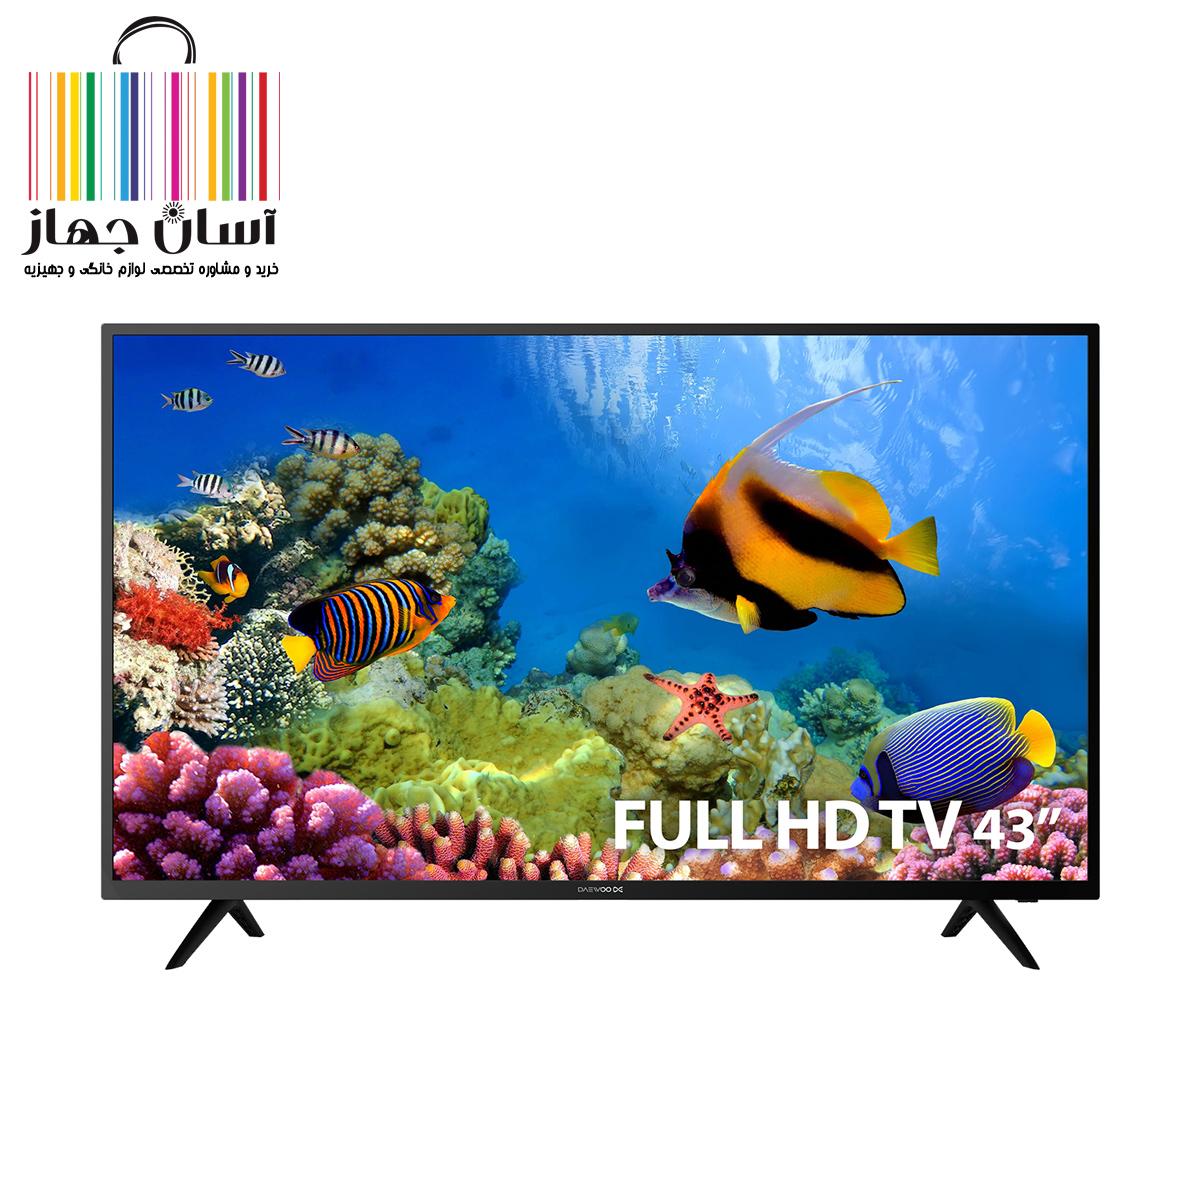 تلویزیون 43 اینچ دوو مدل DLE-43K4100B